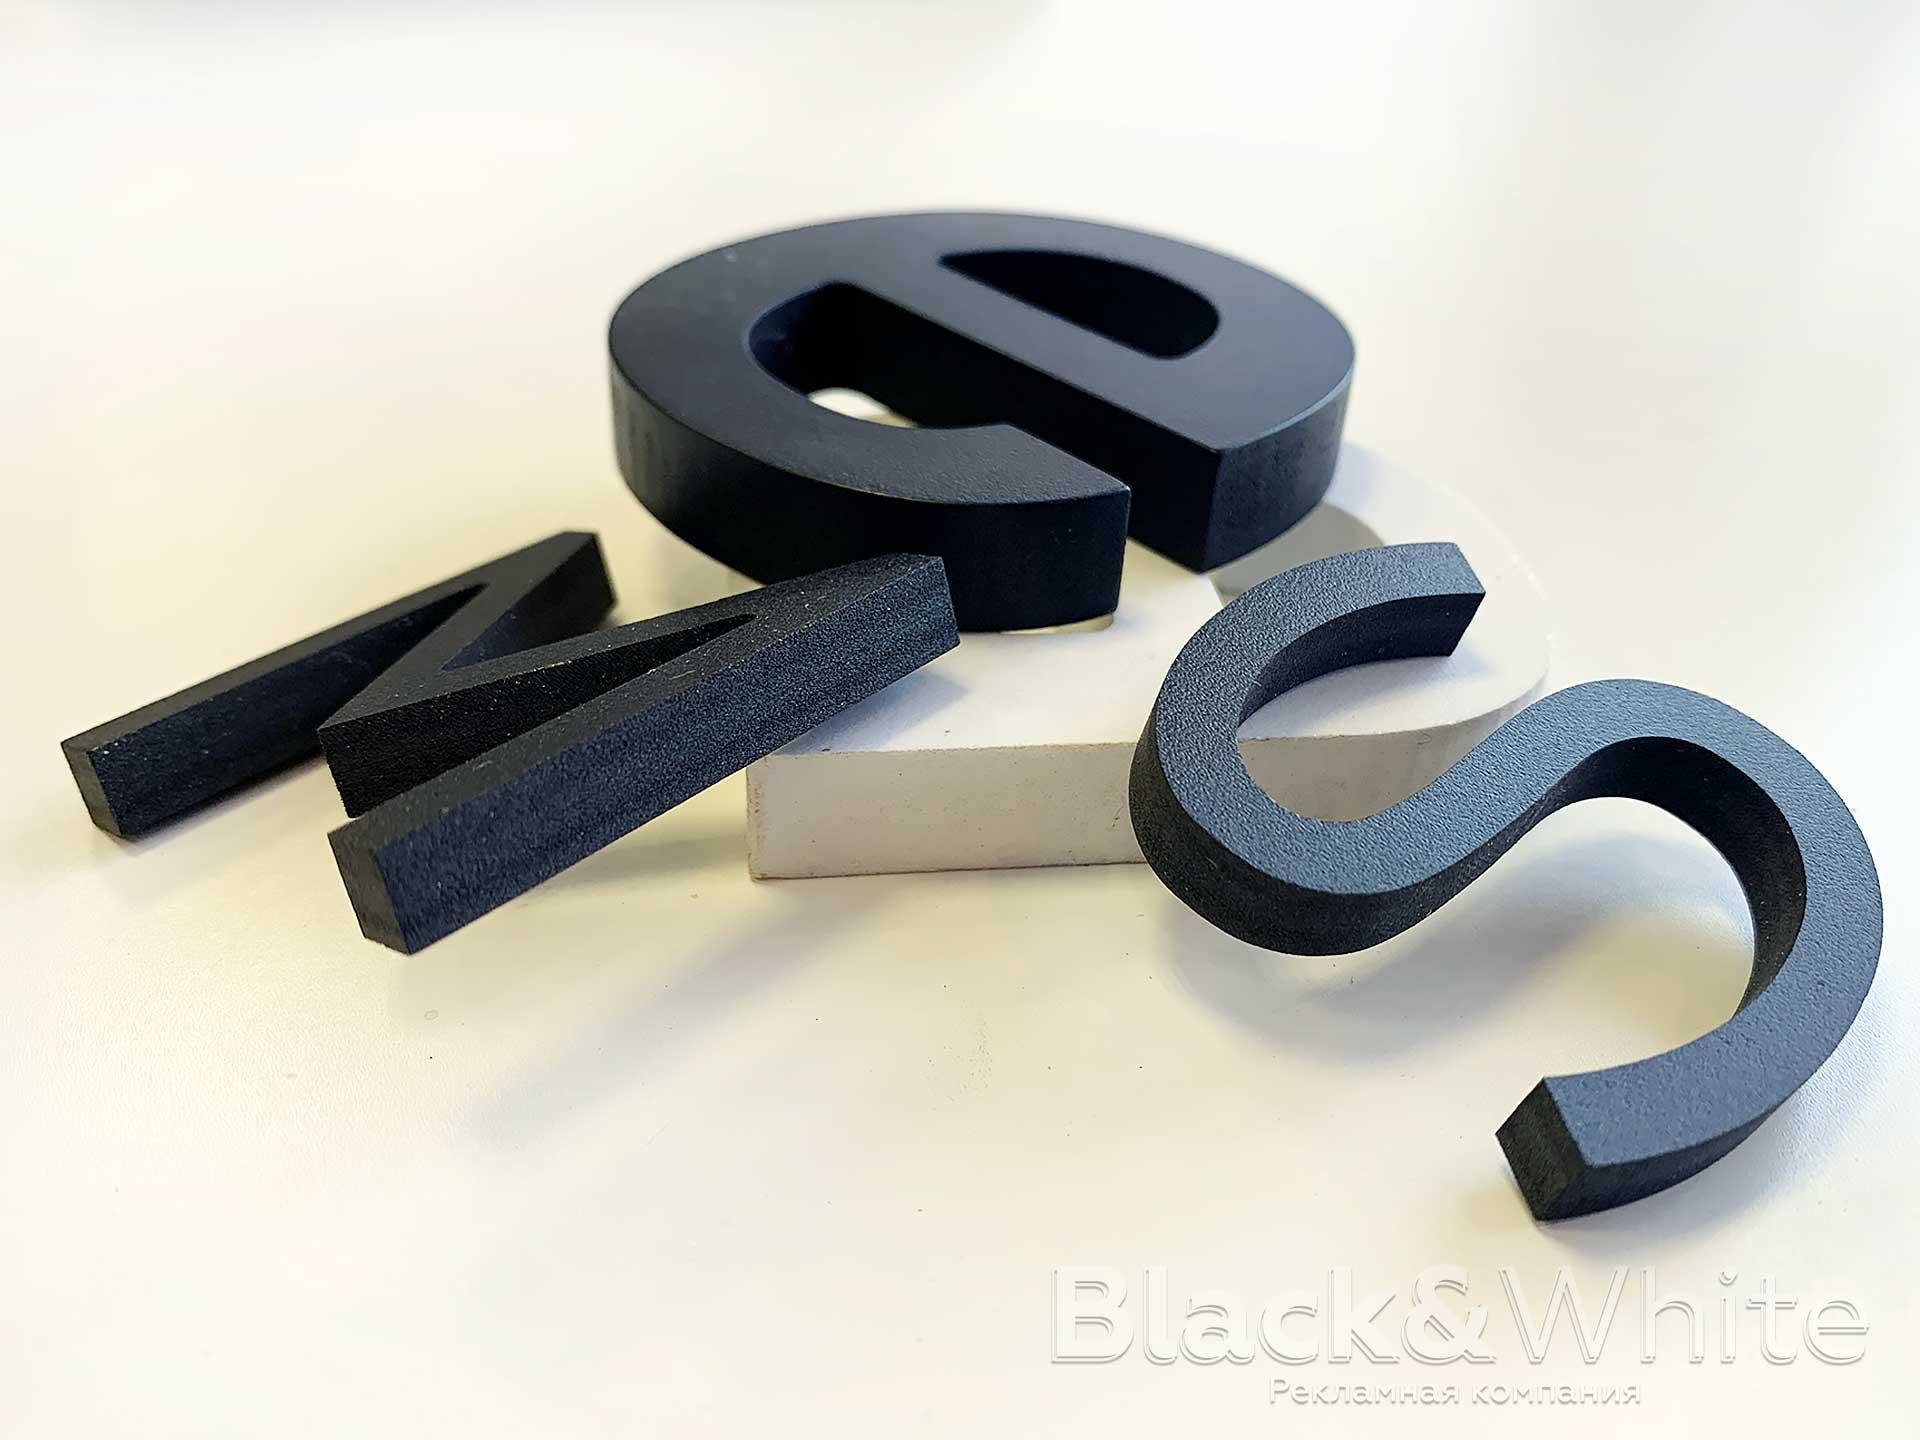 Плоские-псевдообъемные-буквы-из-ПВХ-4-на-заказа-изготовление-в-Красноярске.jpg